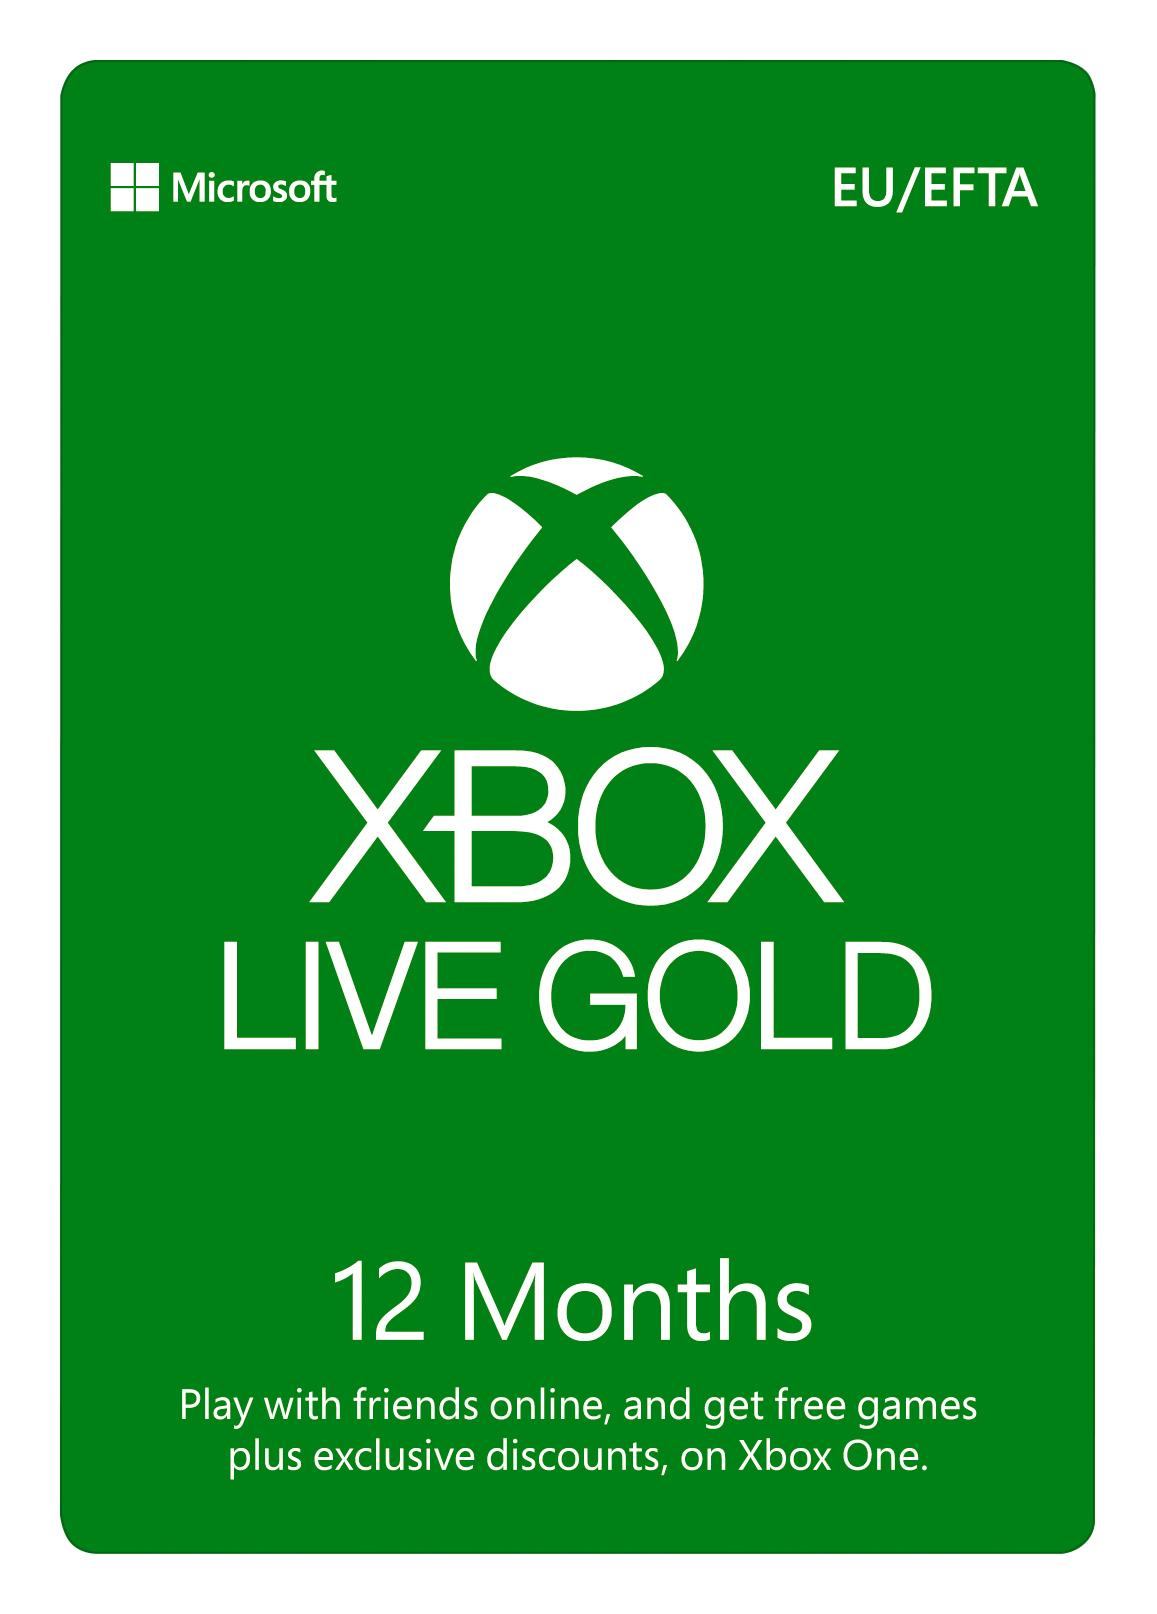 ESD XBOX - Zlaté členství Xbox Live Gold - 12 měsíců (EuroZone) - S4T-00026